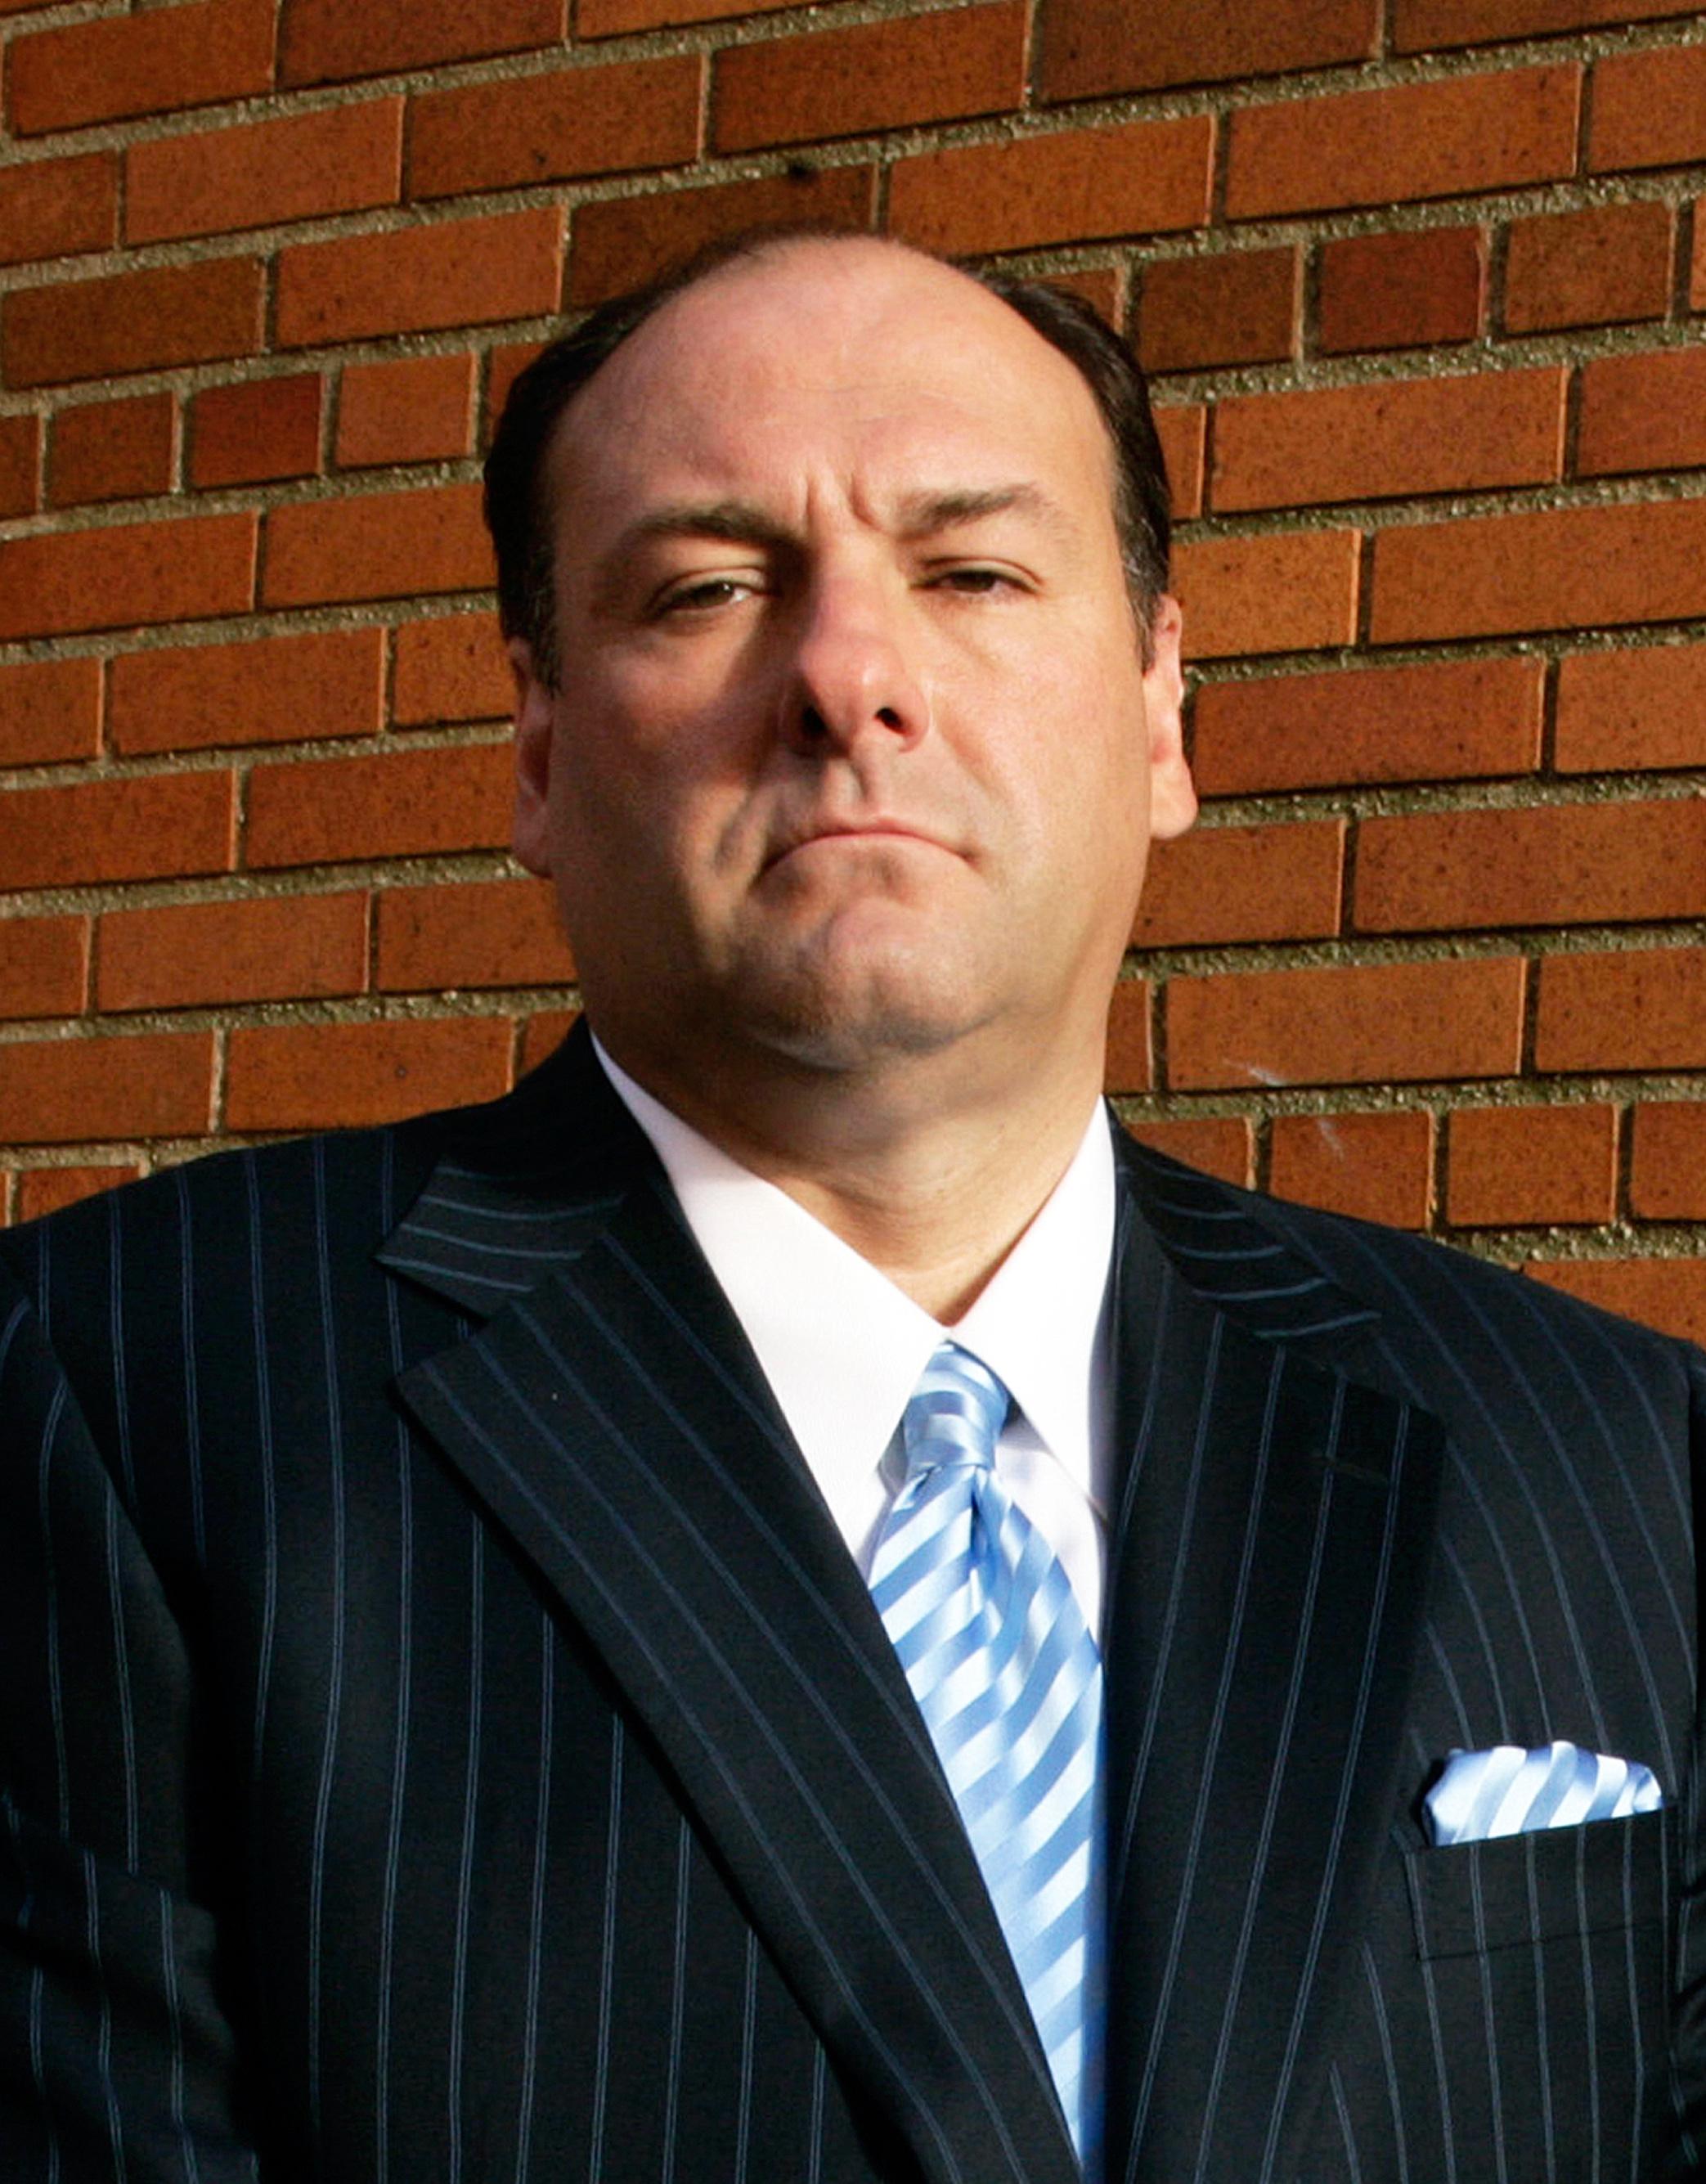 """James Gandolfini as Tony Soprano in """"The Sopranos"""" (2007)."""